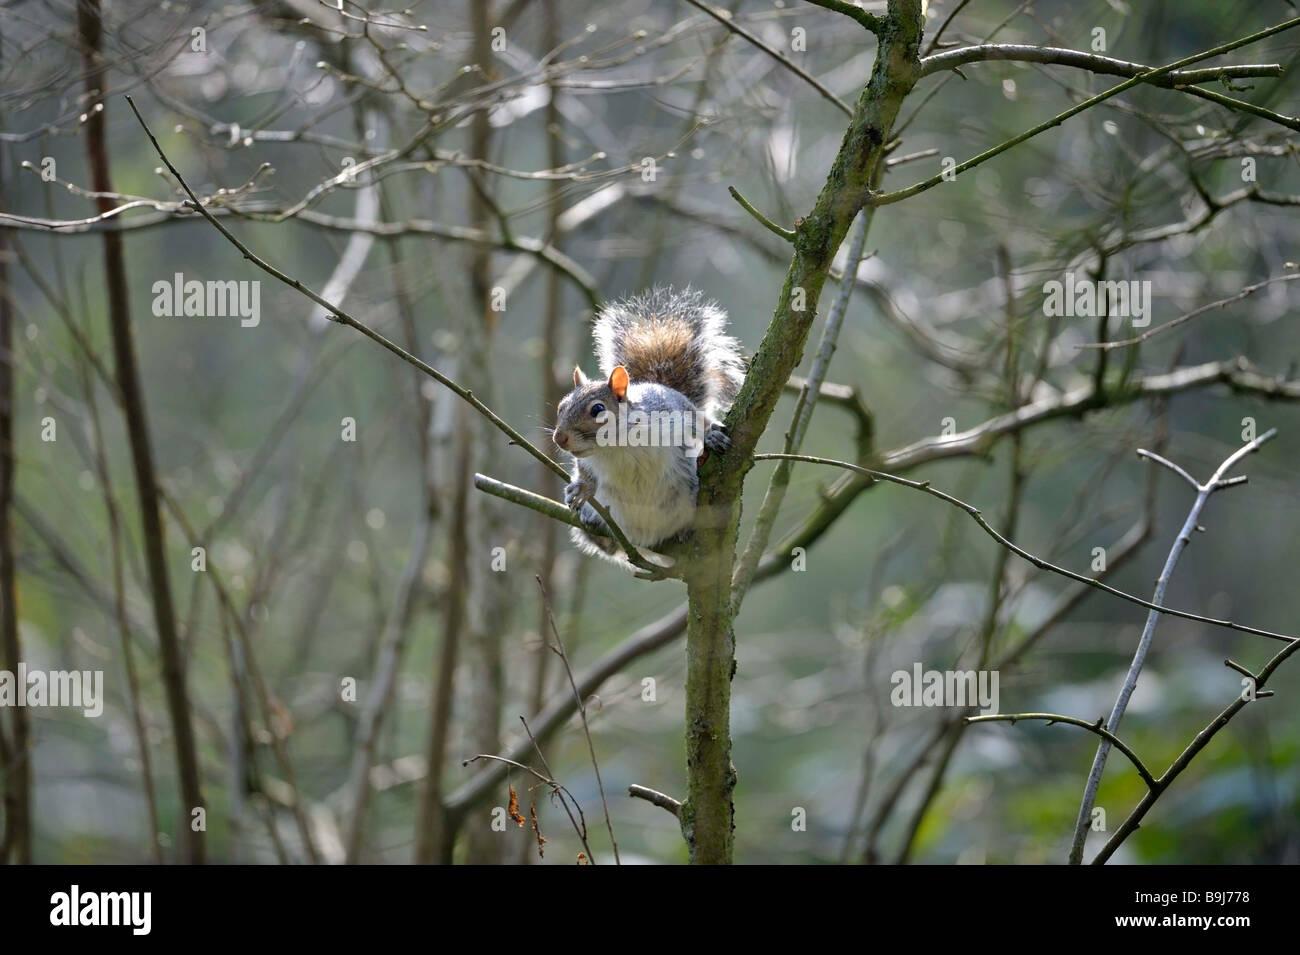 Grey Squirrel (Sciurus carolinensis) in the woods. - Stock Image